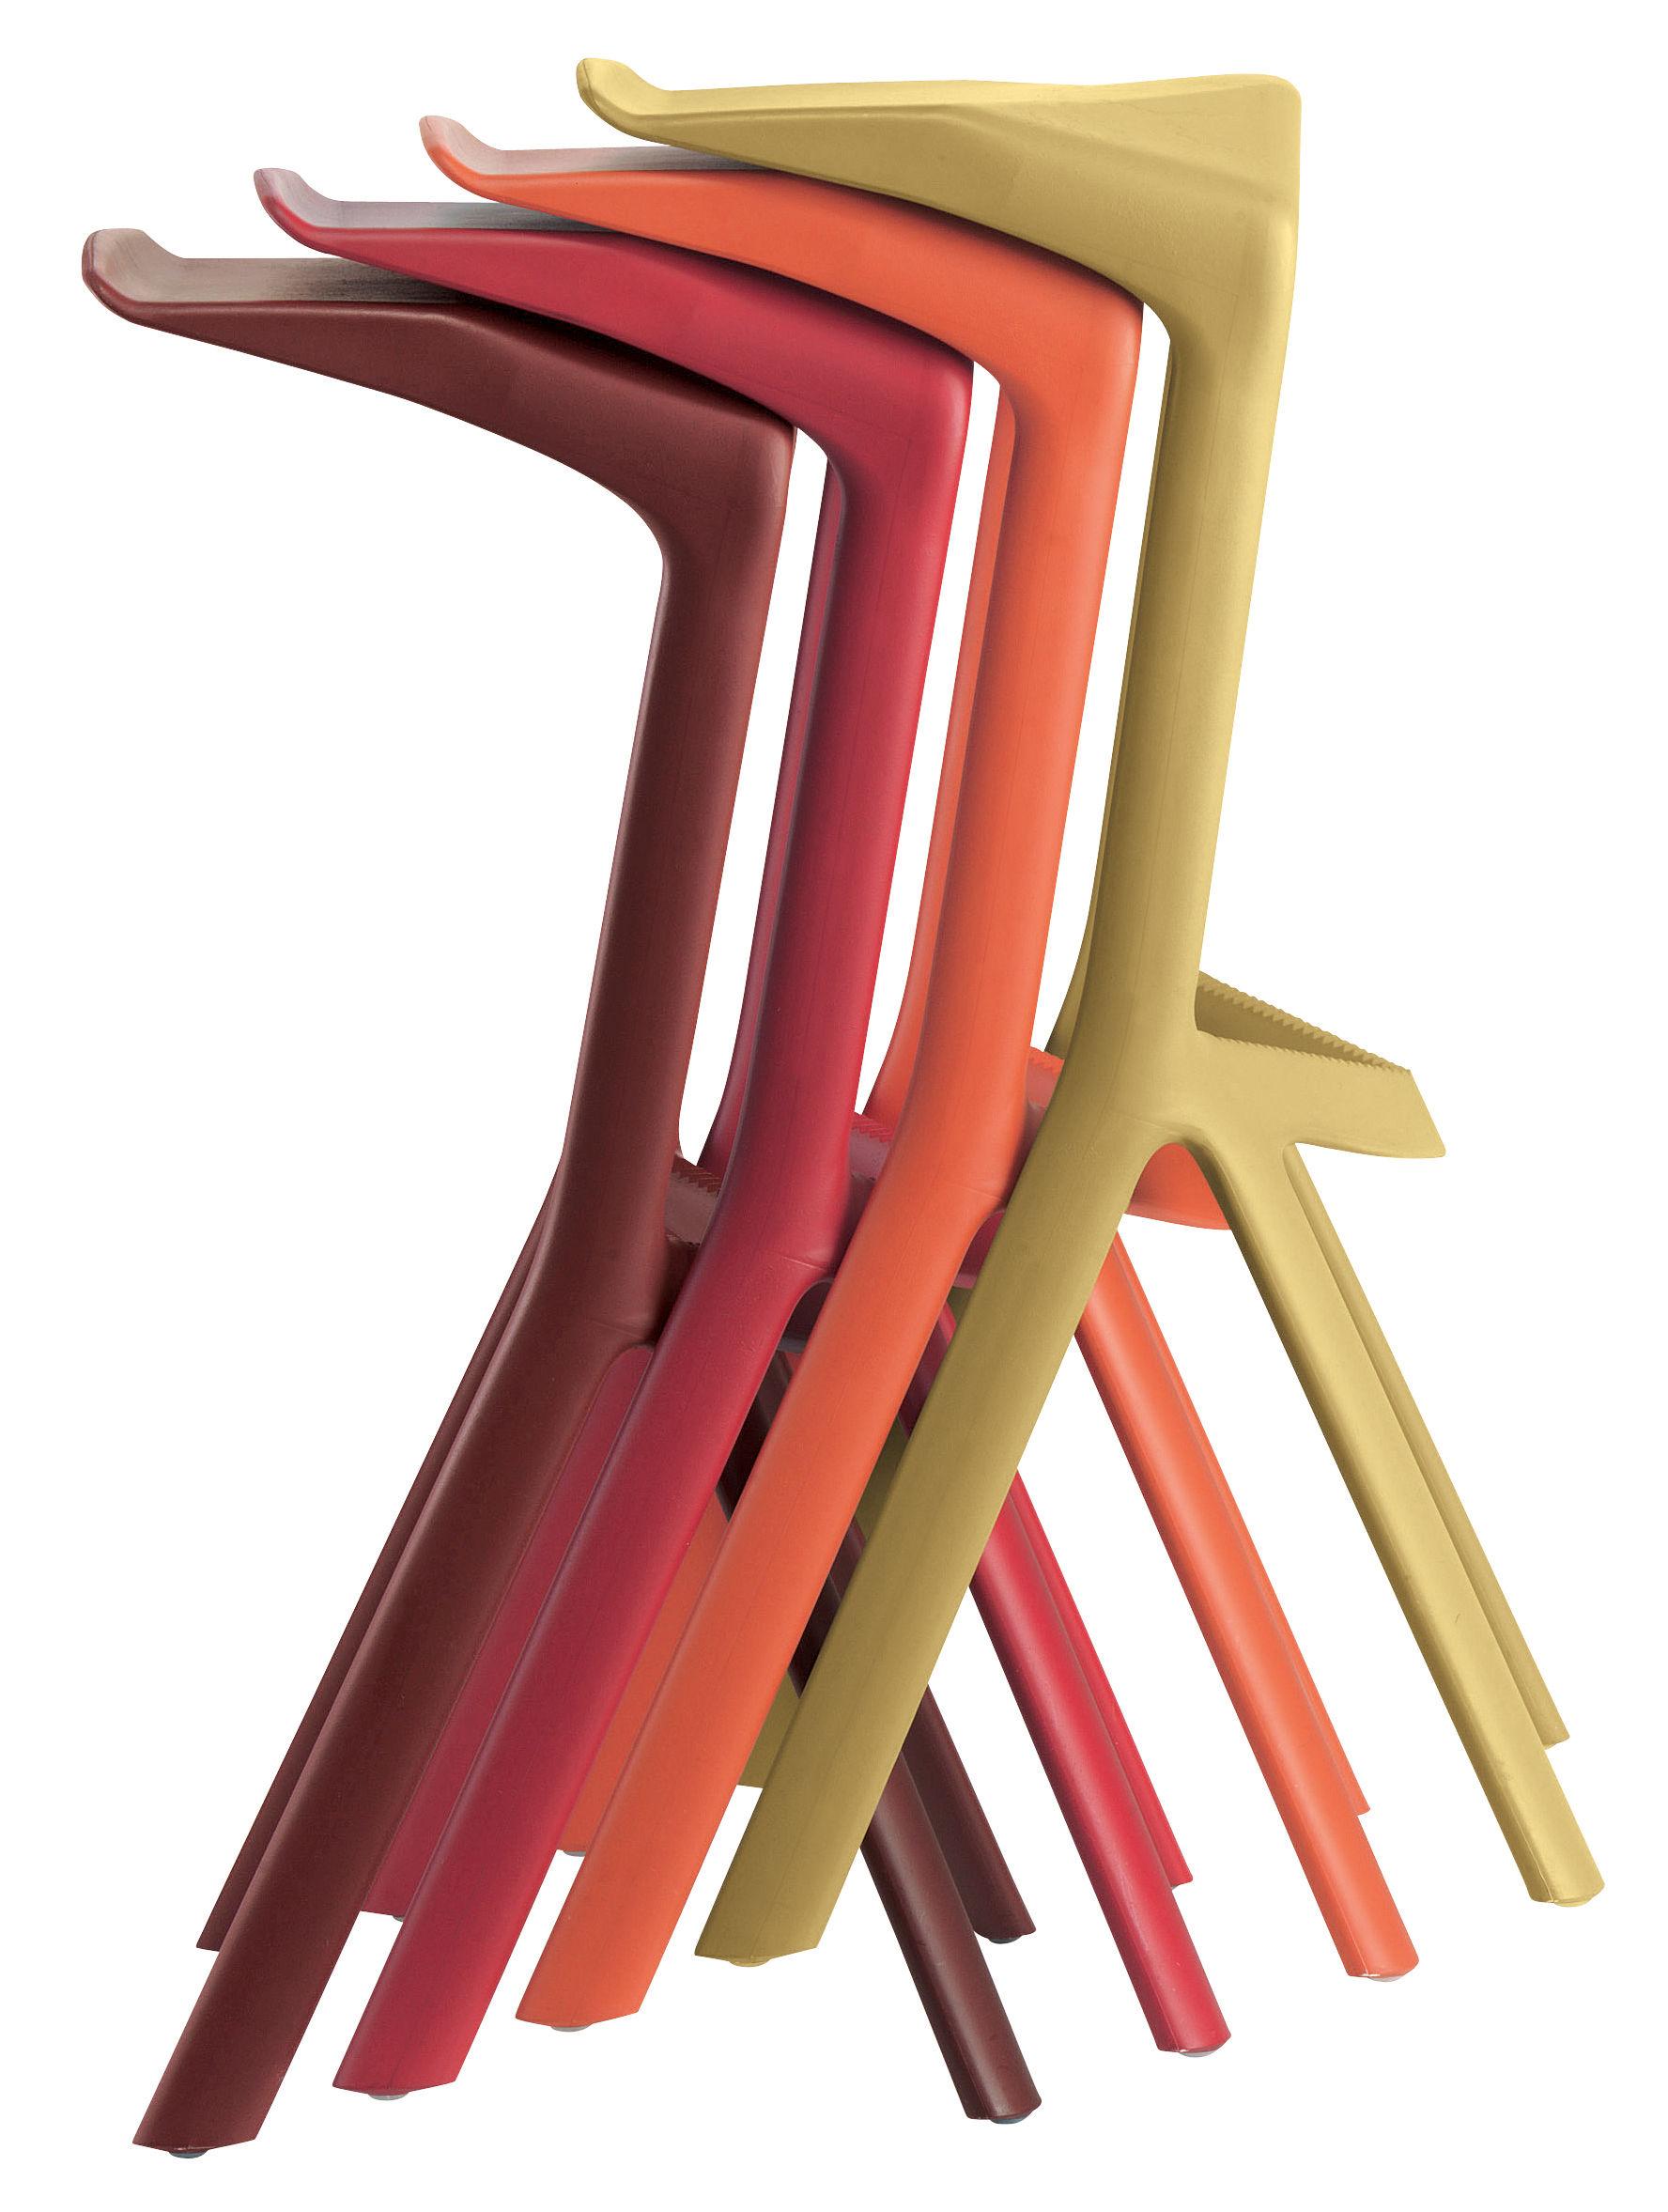 Mobilier - Tabourets de bar - Tabouret de bar Miura / H 78 cm - Plastique - Plank - Noir - Polypropylène renforcé de fibre de verre